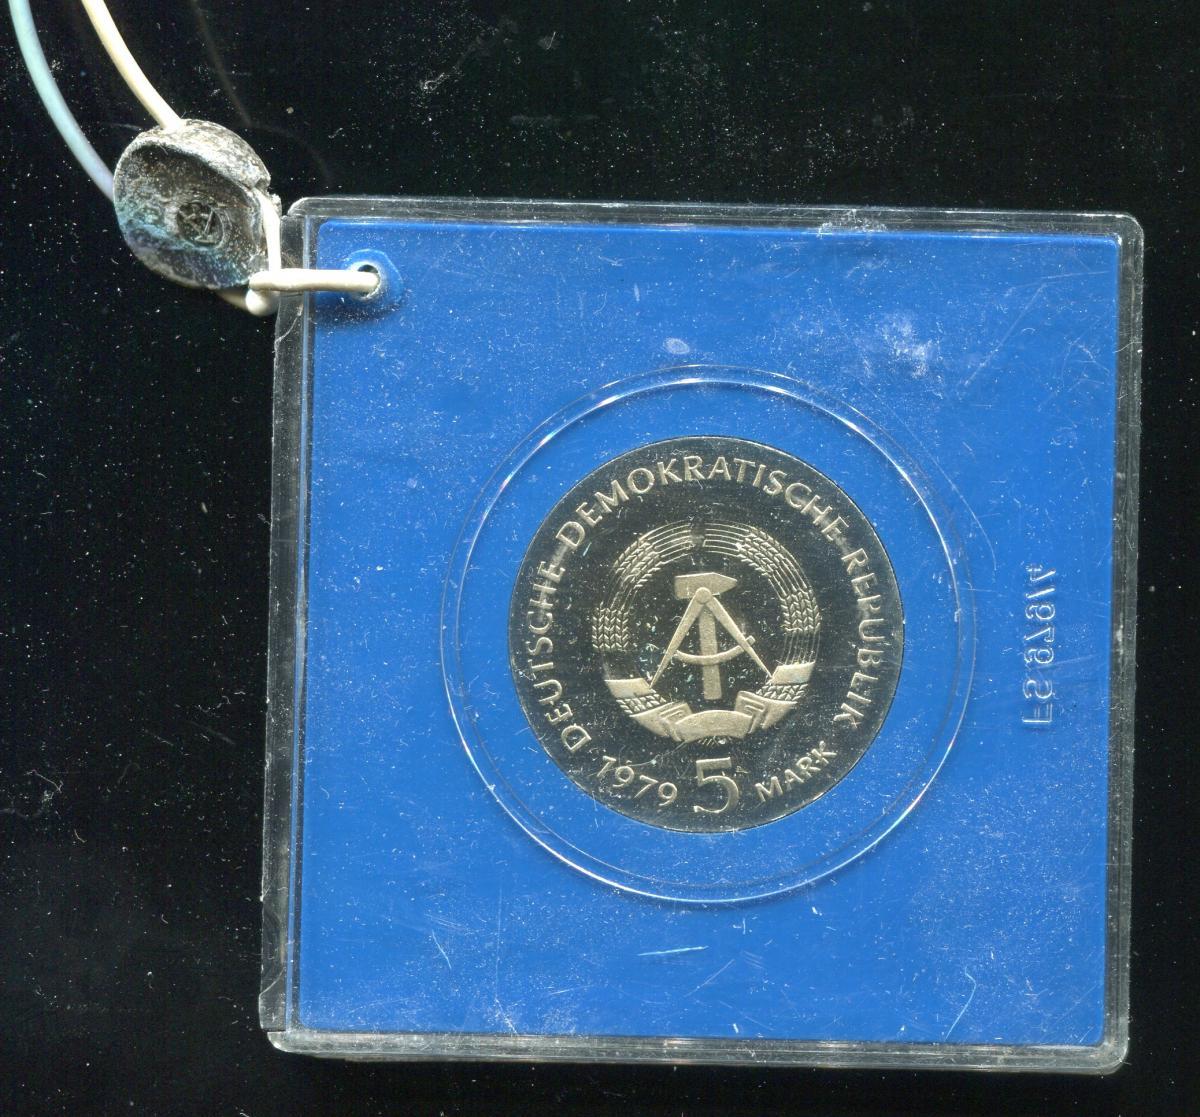 DDR Gedenkmünze 5 Mark Einstein 1979, Spiegelglanz PP in verplombter Kapsel 1